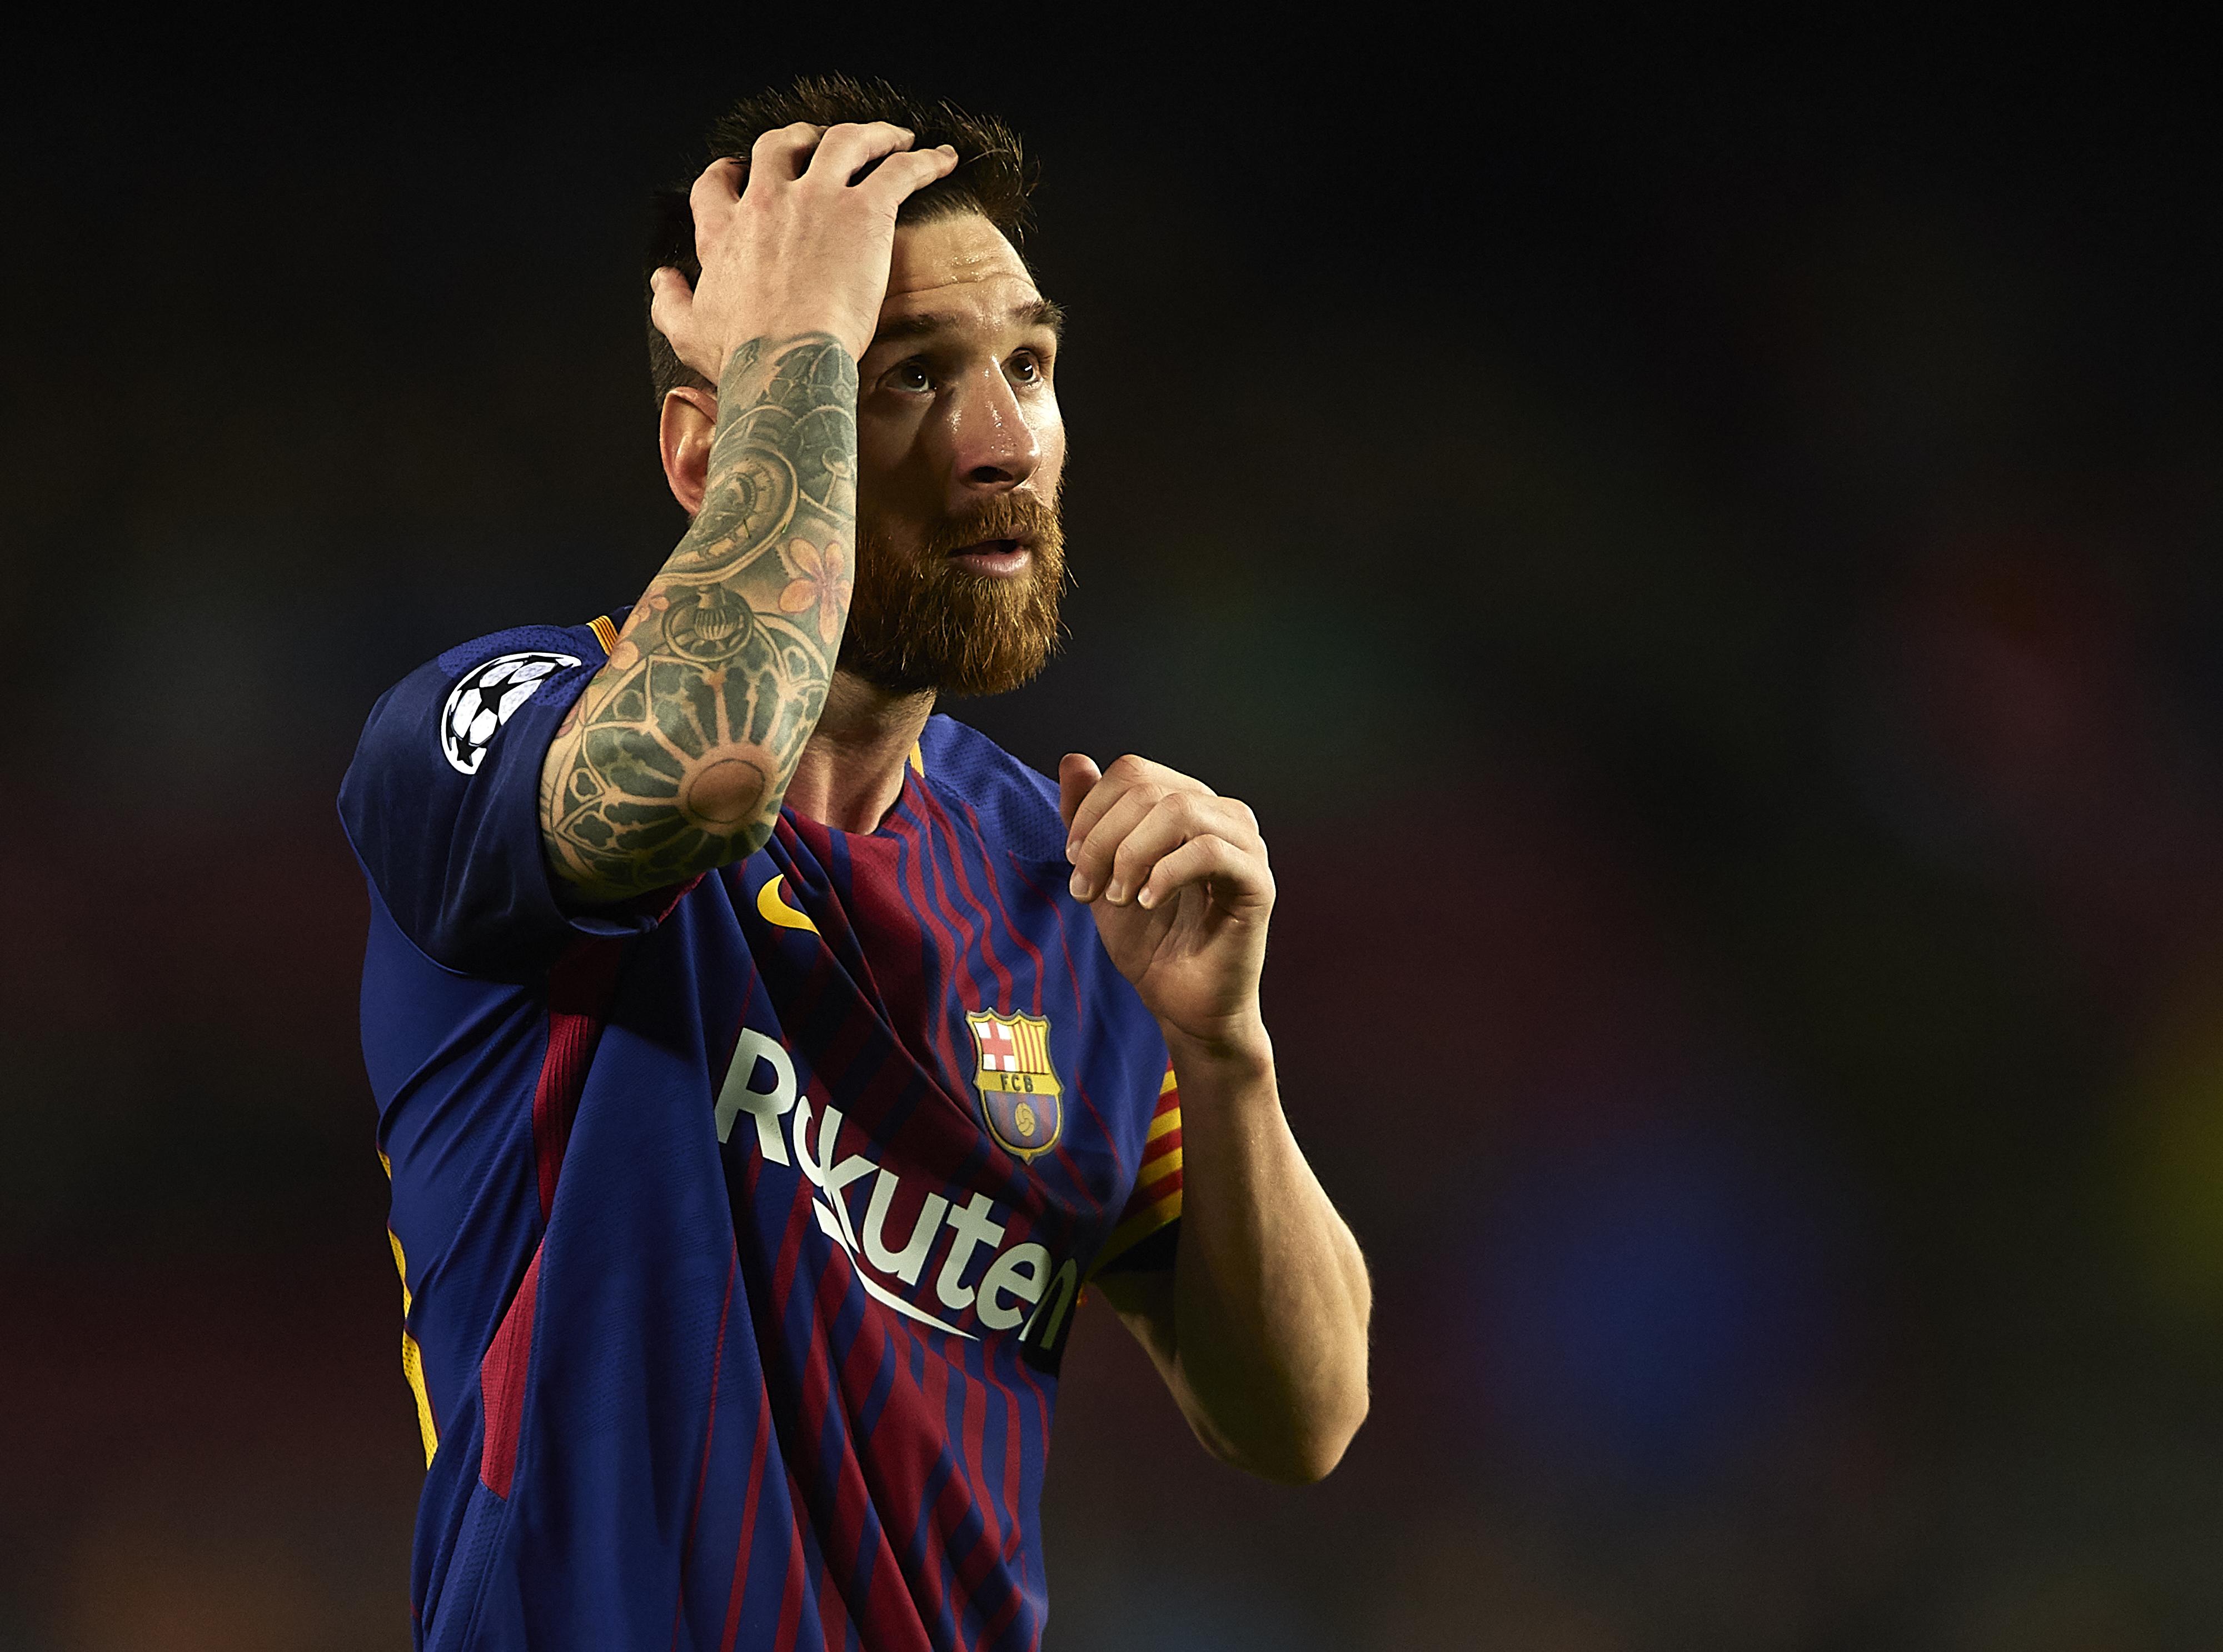 La que le aplicaron a Messi en la entrega de la bota de oro